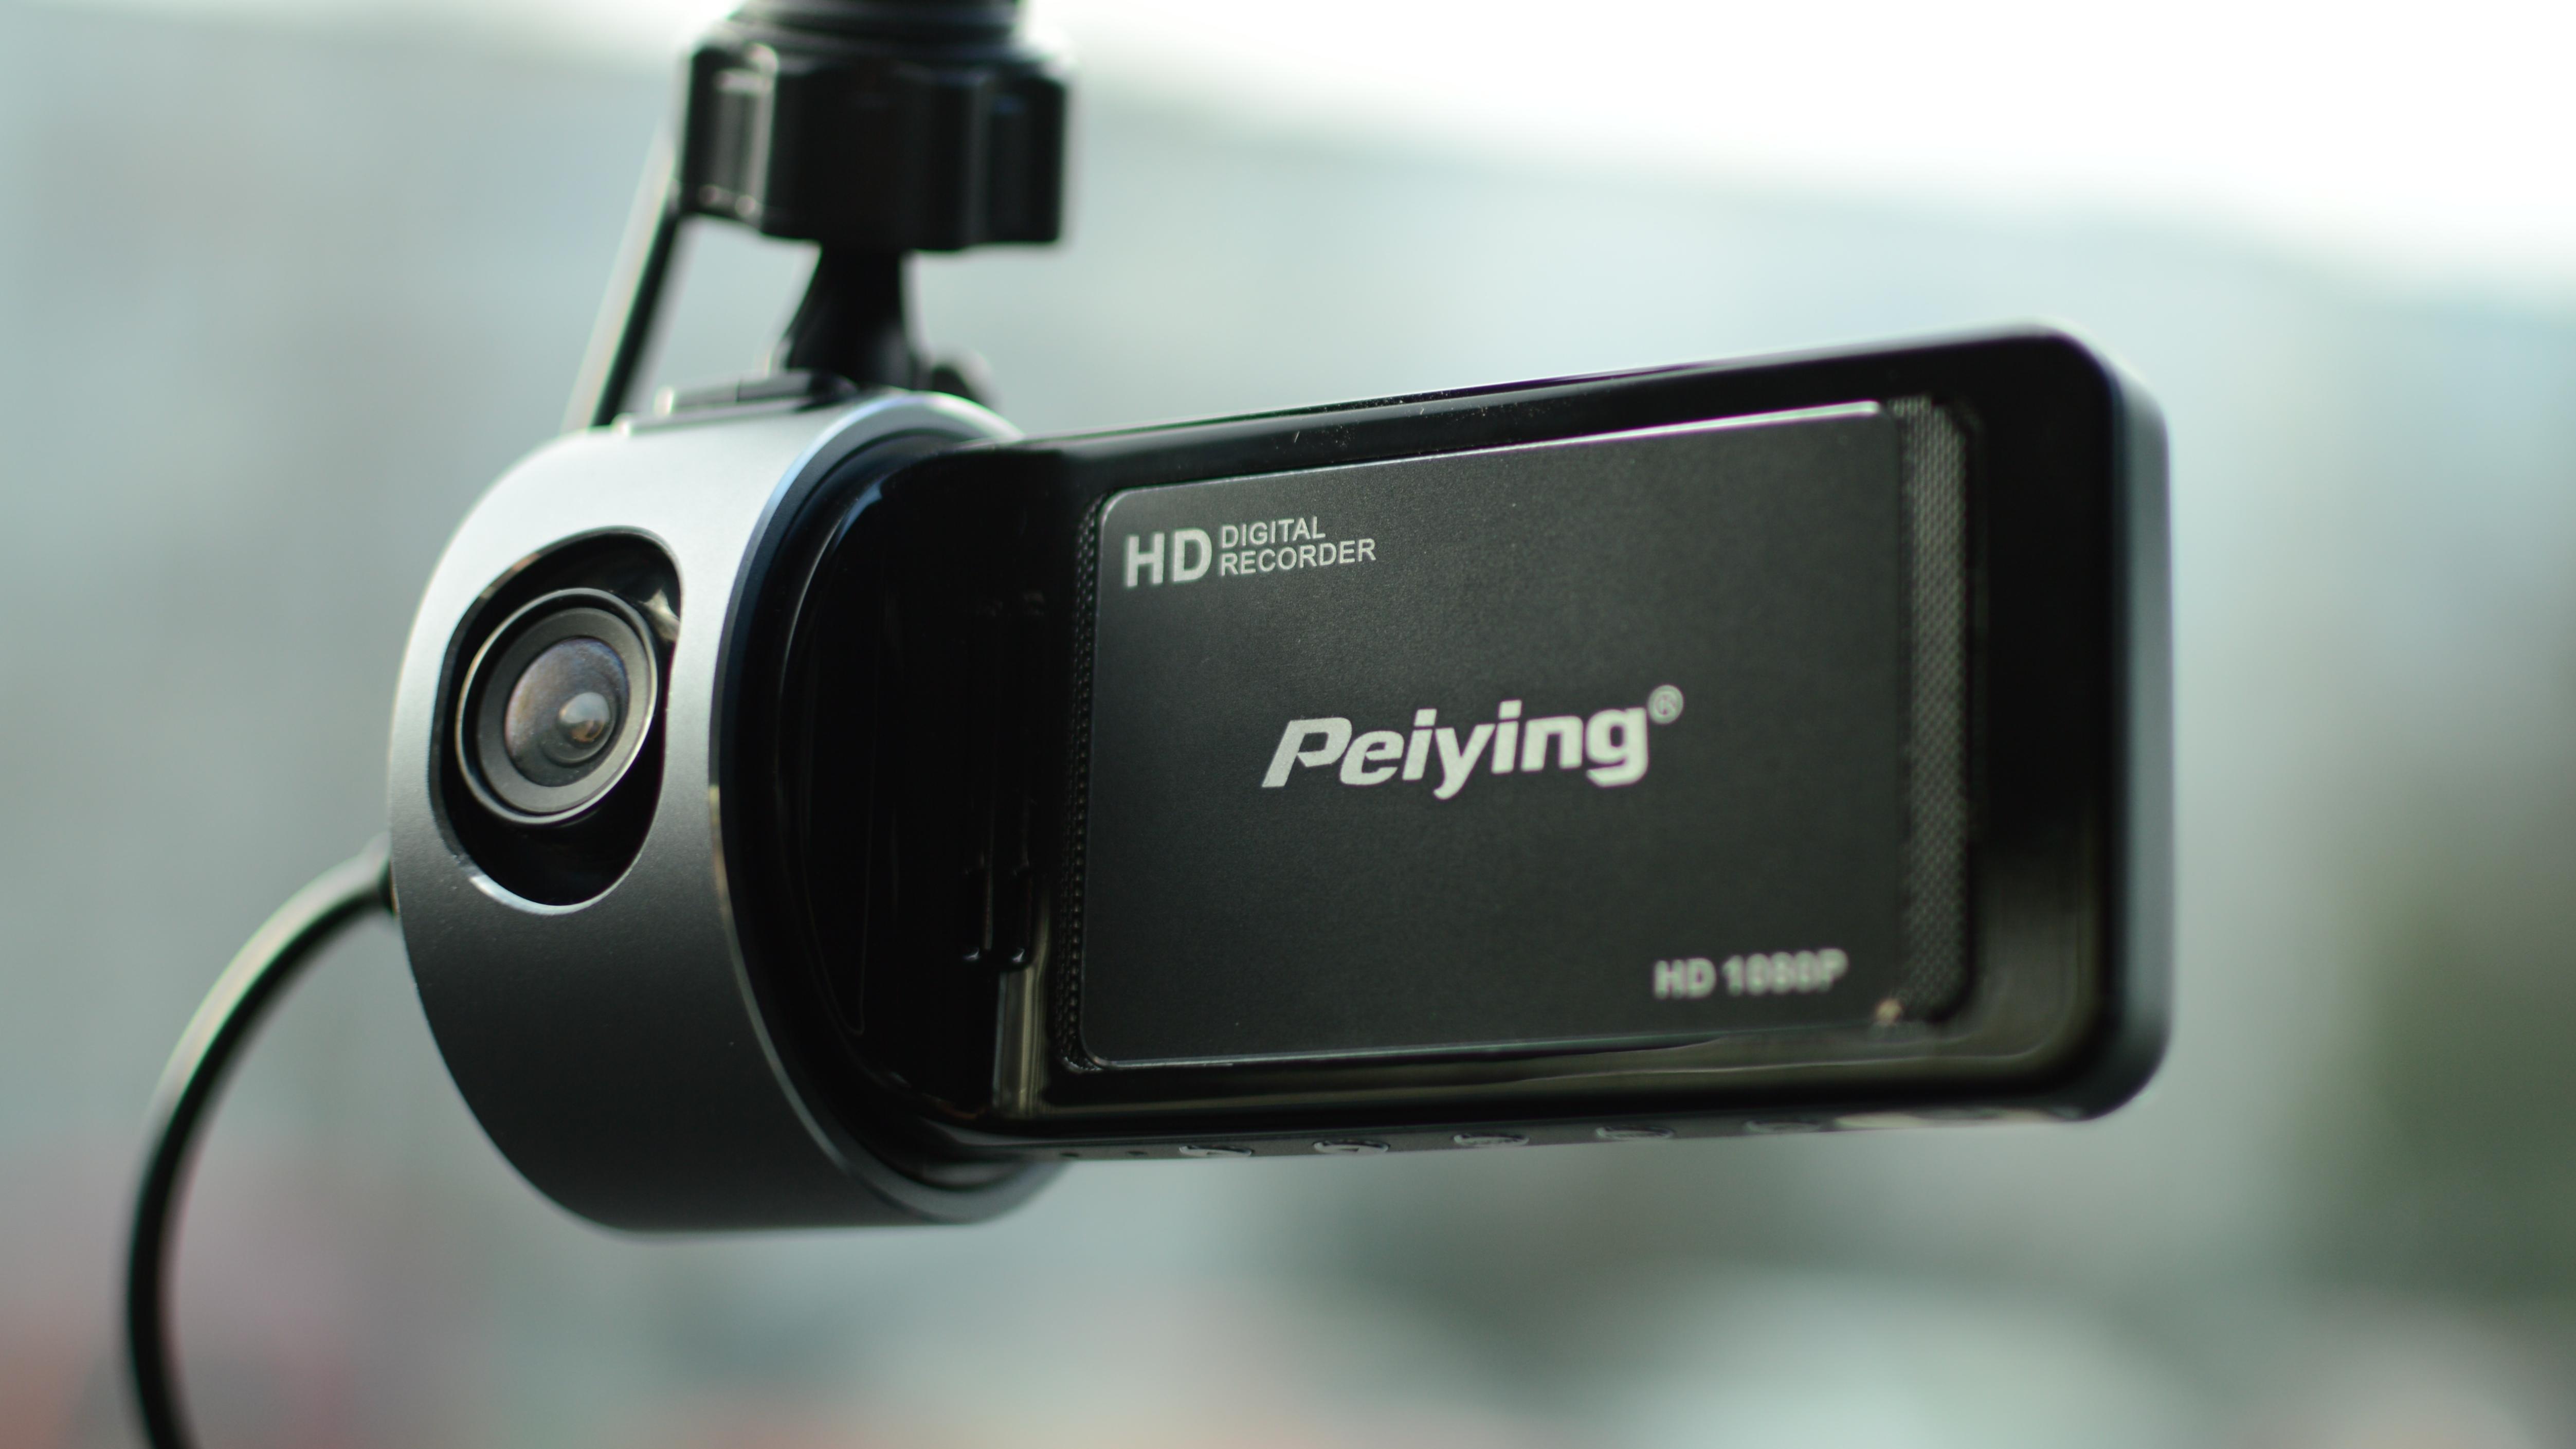 Wideo rejestrator Peiying PY0011 – rozsądne możliwości za rozsądną cenę – recenzja Spider's Web